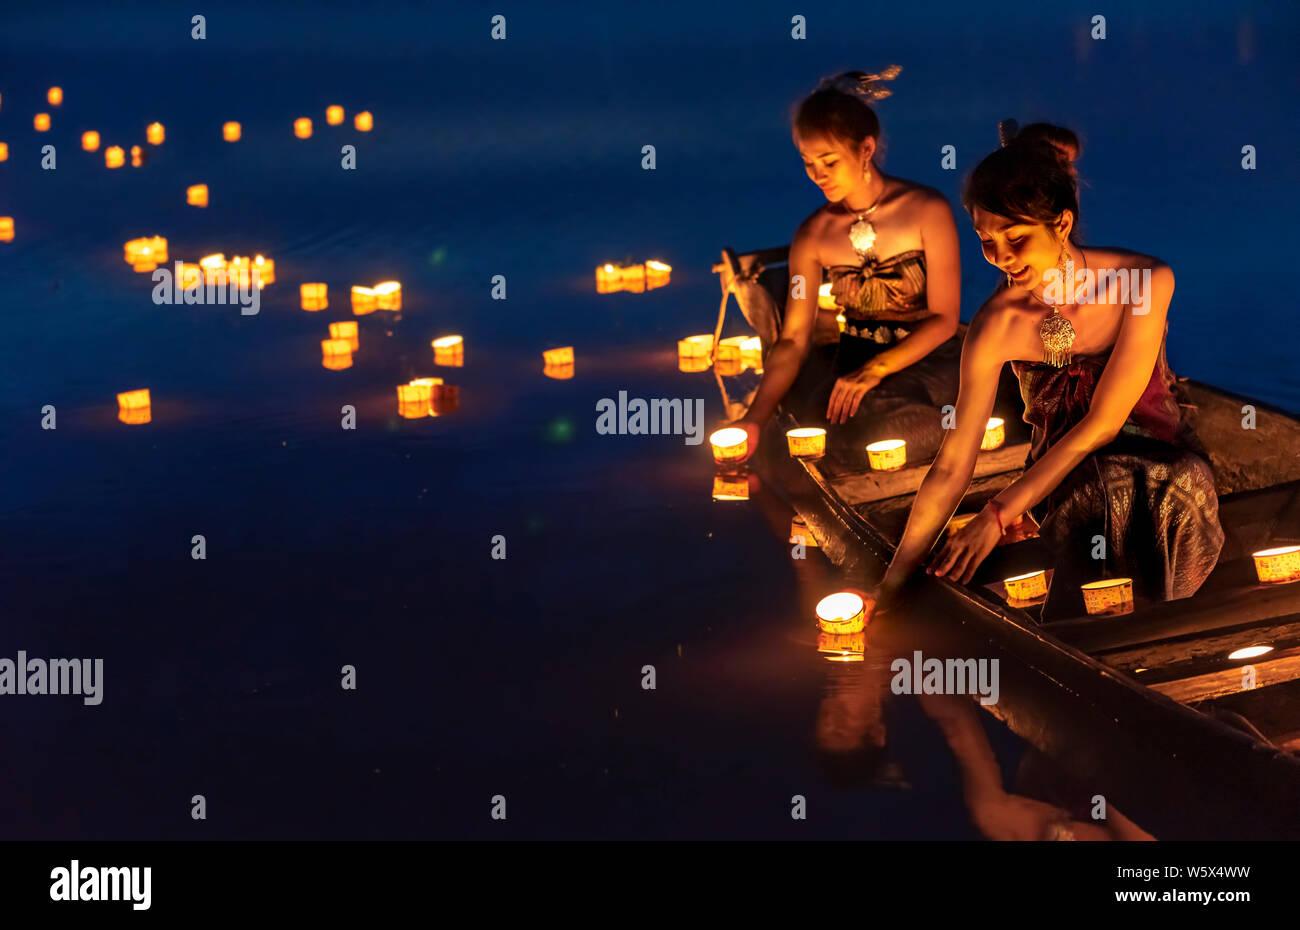 Les jeunes filles asiatiques lanternes flottantes dans le lac. Le festival peut provenir d'un ancien rituel de prier pour ce qui concerne les esprits de l'eau. Banque D'Images